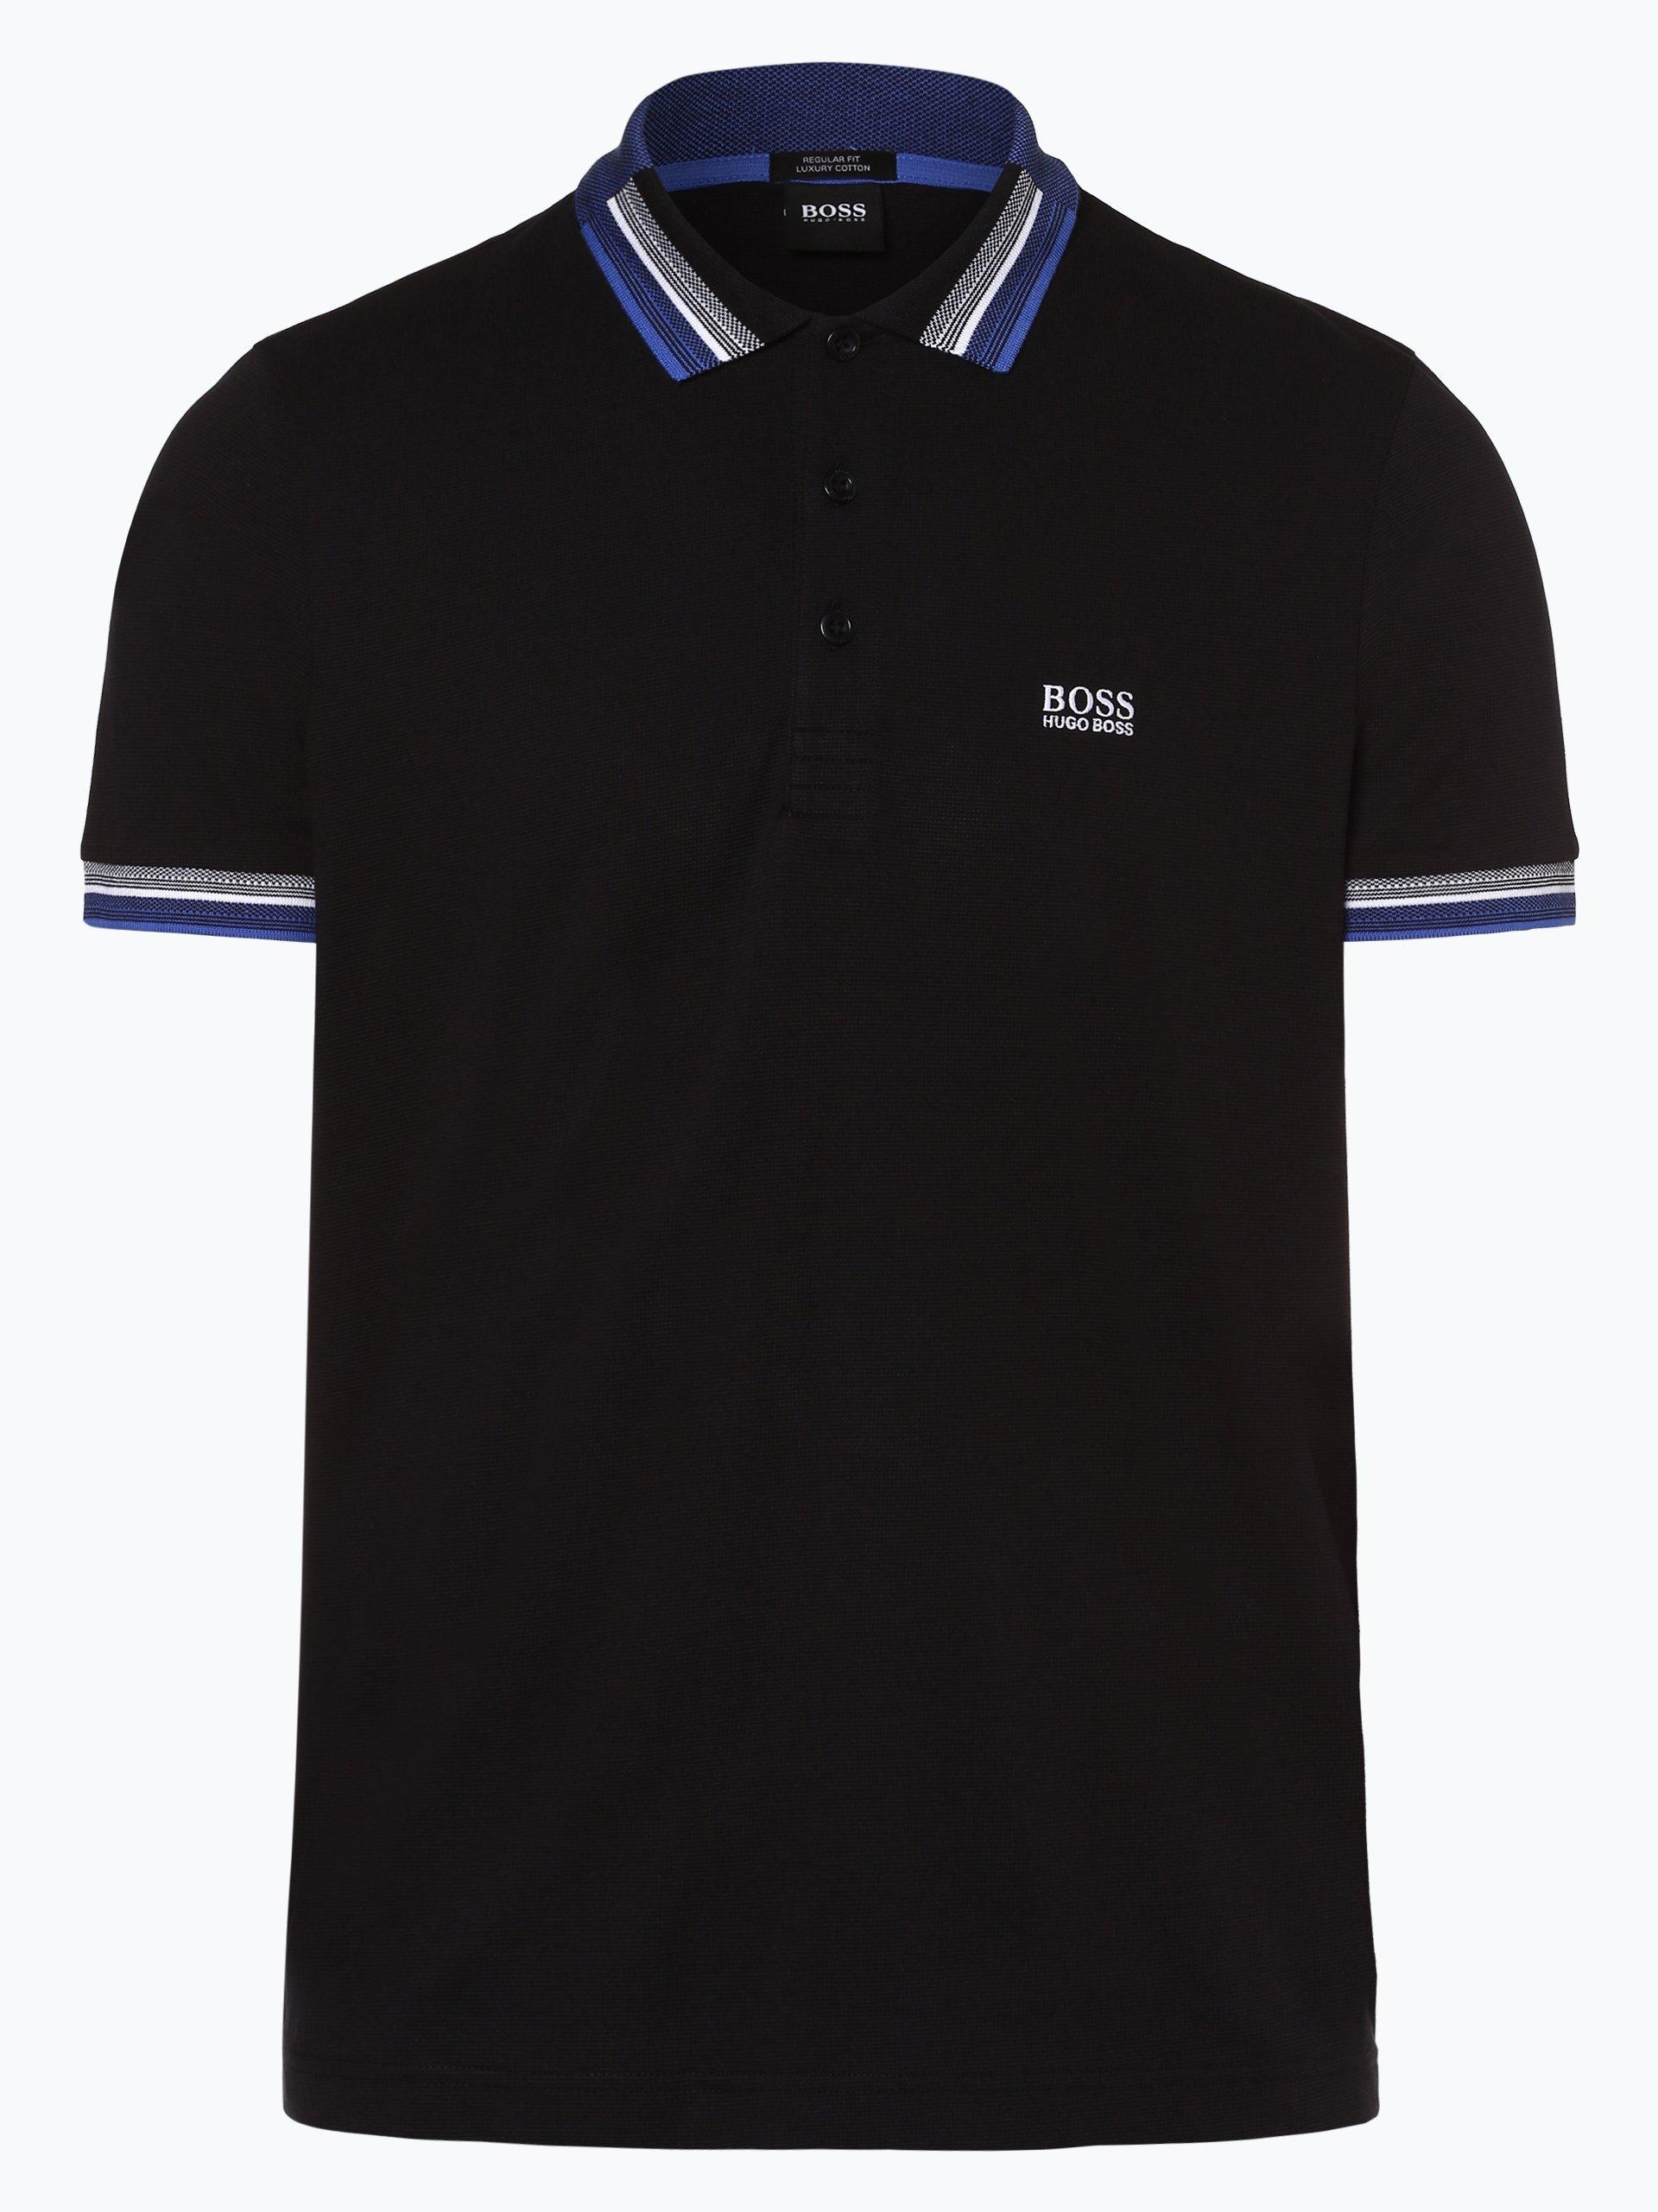 BOSS Athleisure Herren Poloshirt - Paddy 1